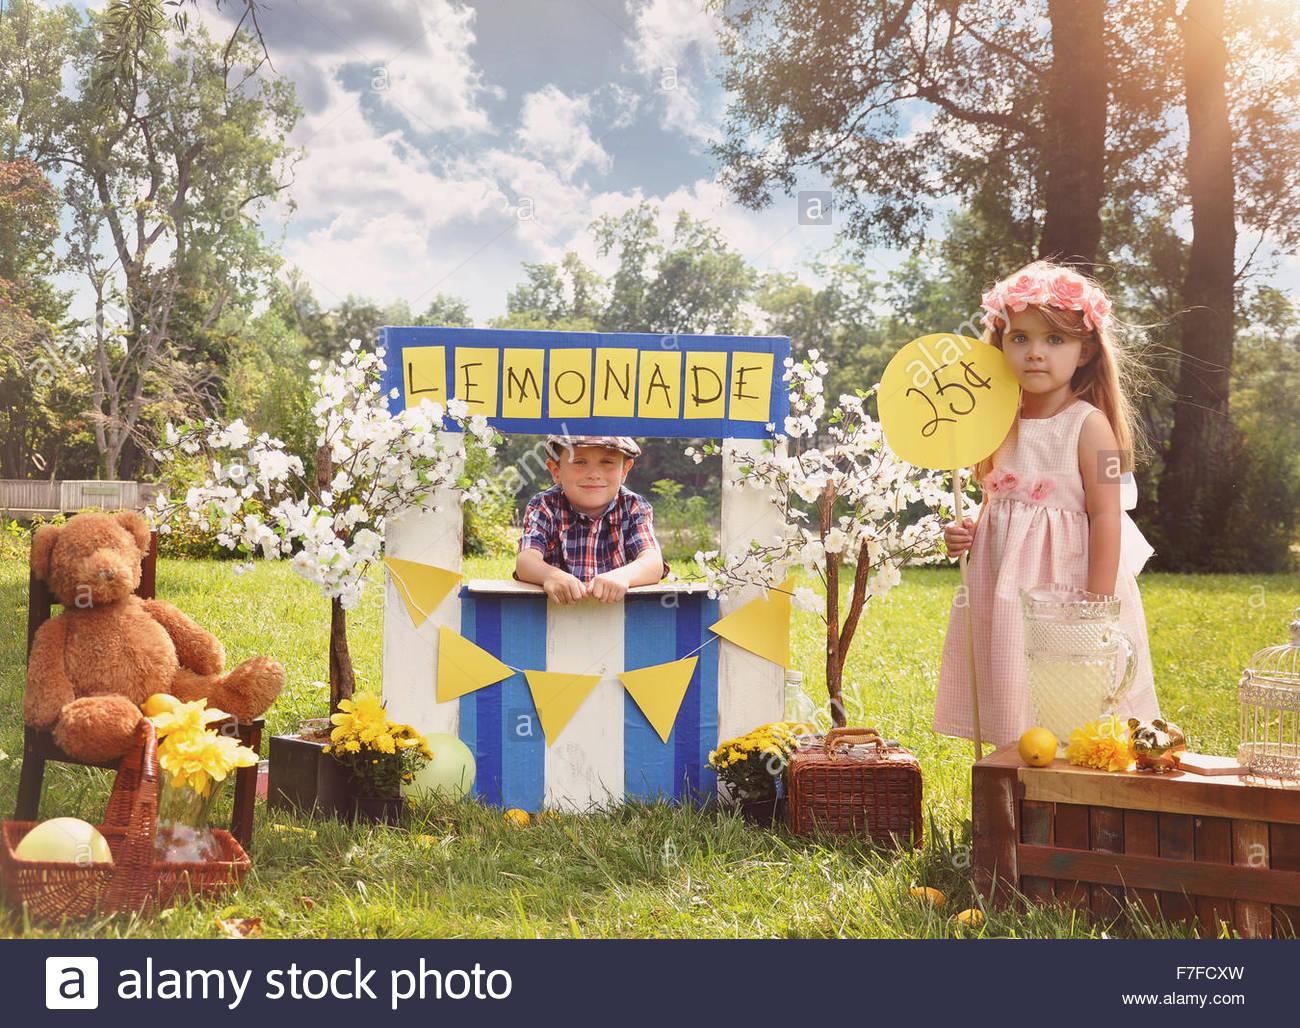 Dos niños pequeños están vendiendo limonada en un puesto de venta de limonada casera en un día Imagen De Stock